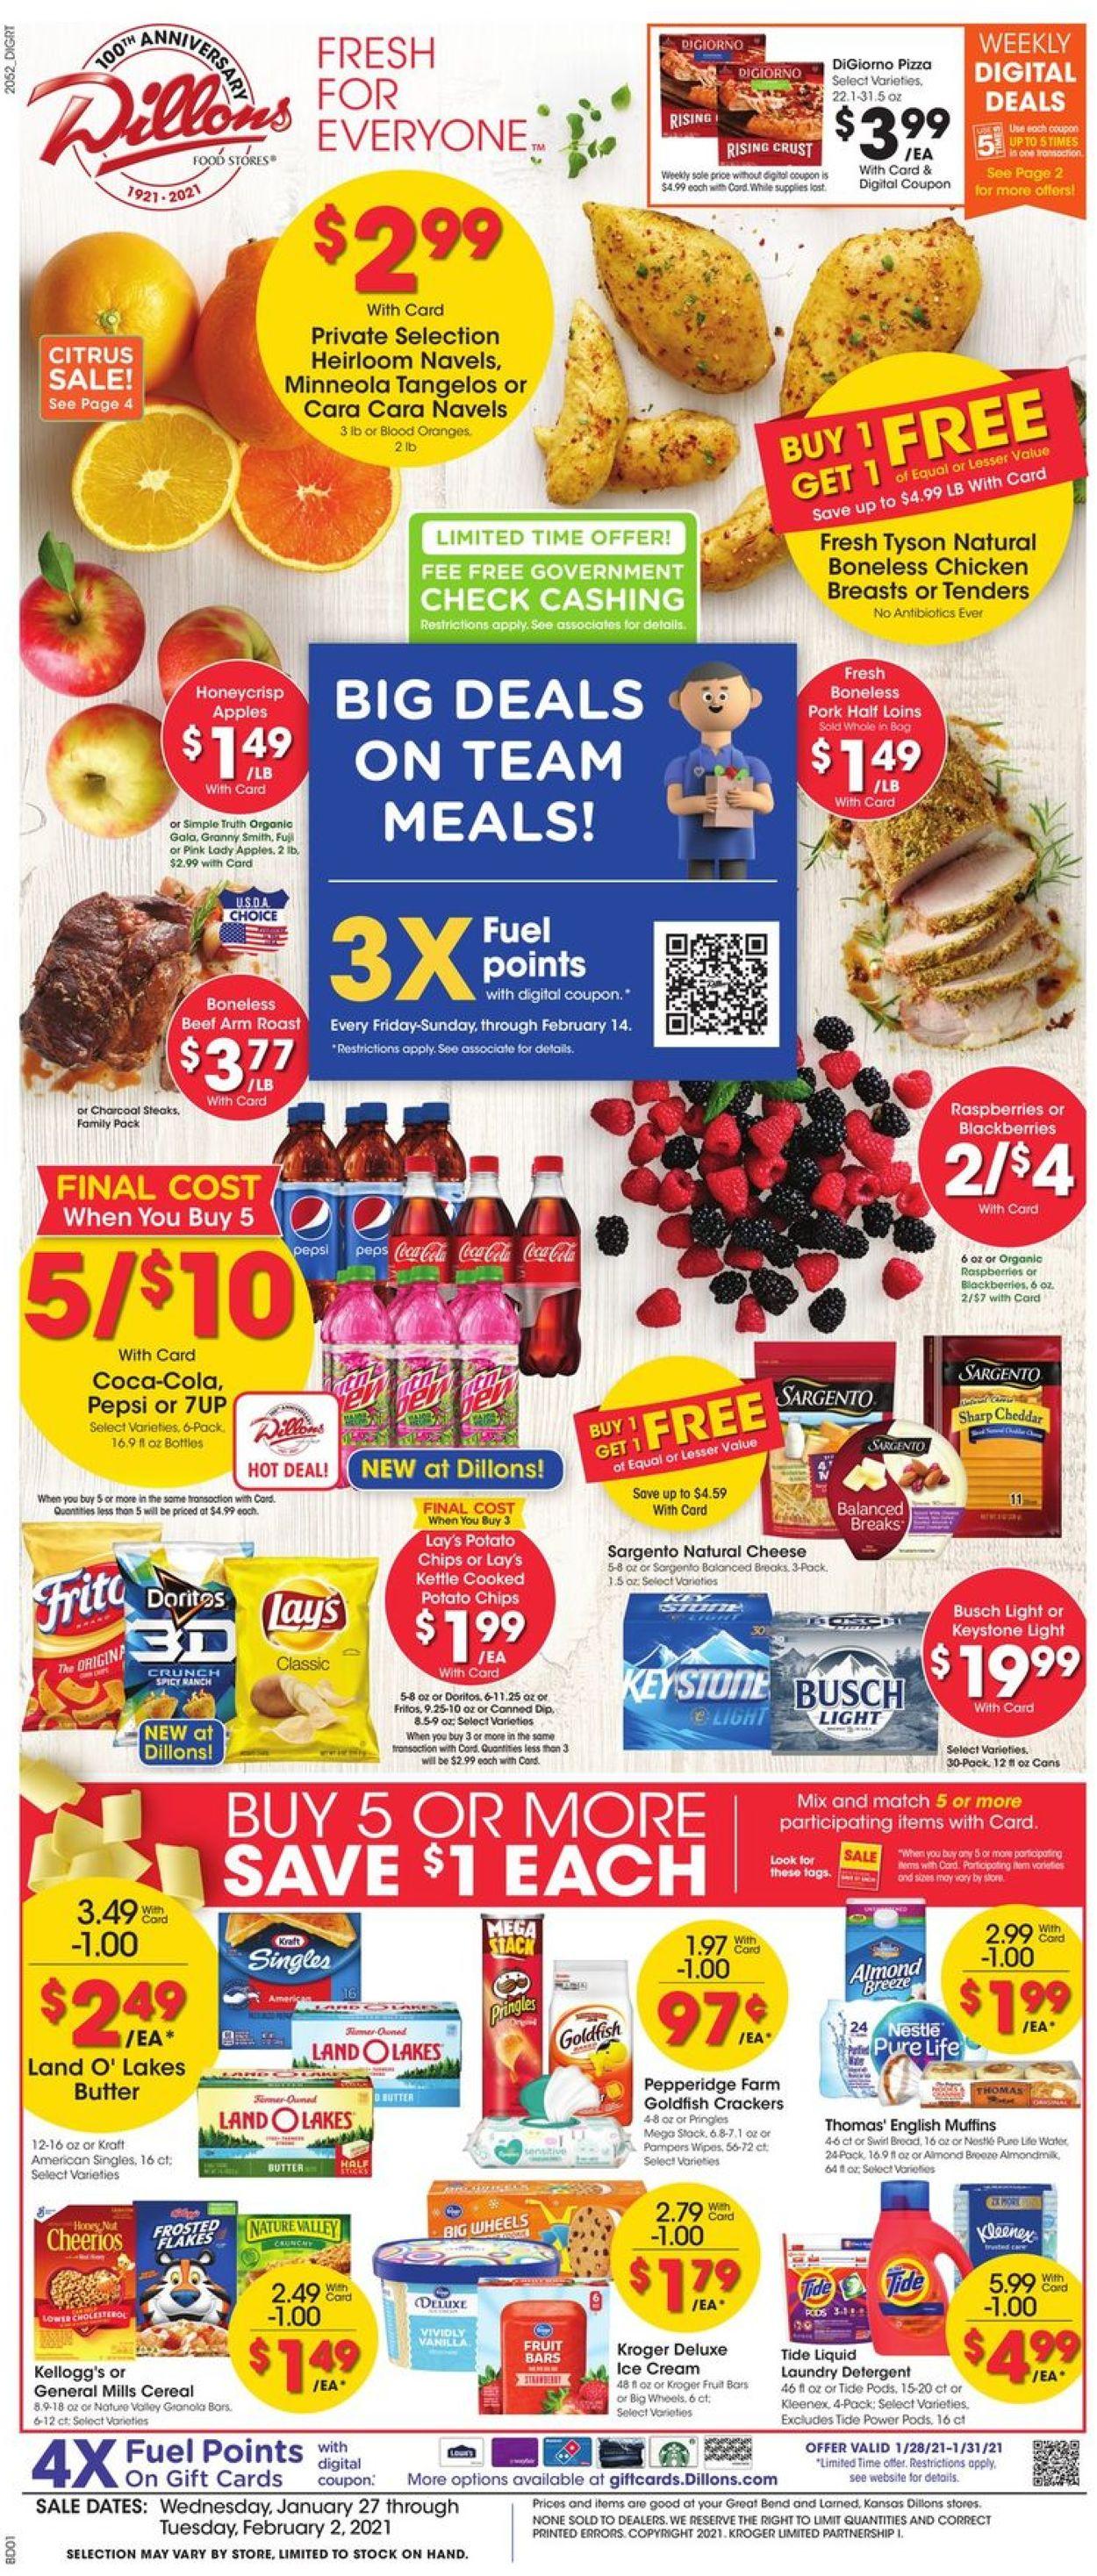 Dillons Weekly Ad Circular - valid 01/27-02/02/2021